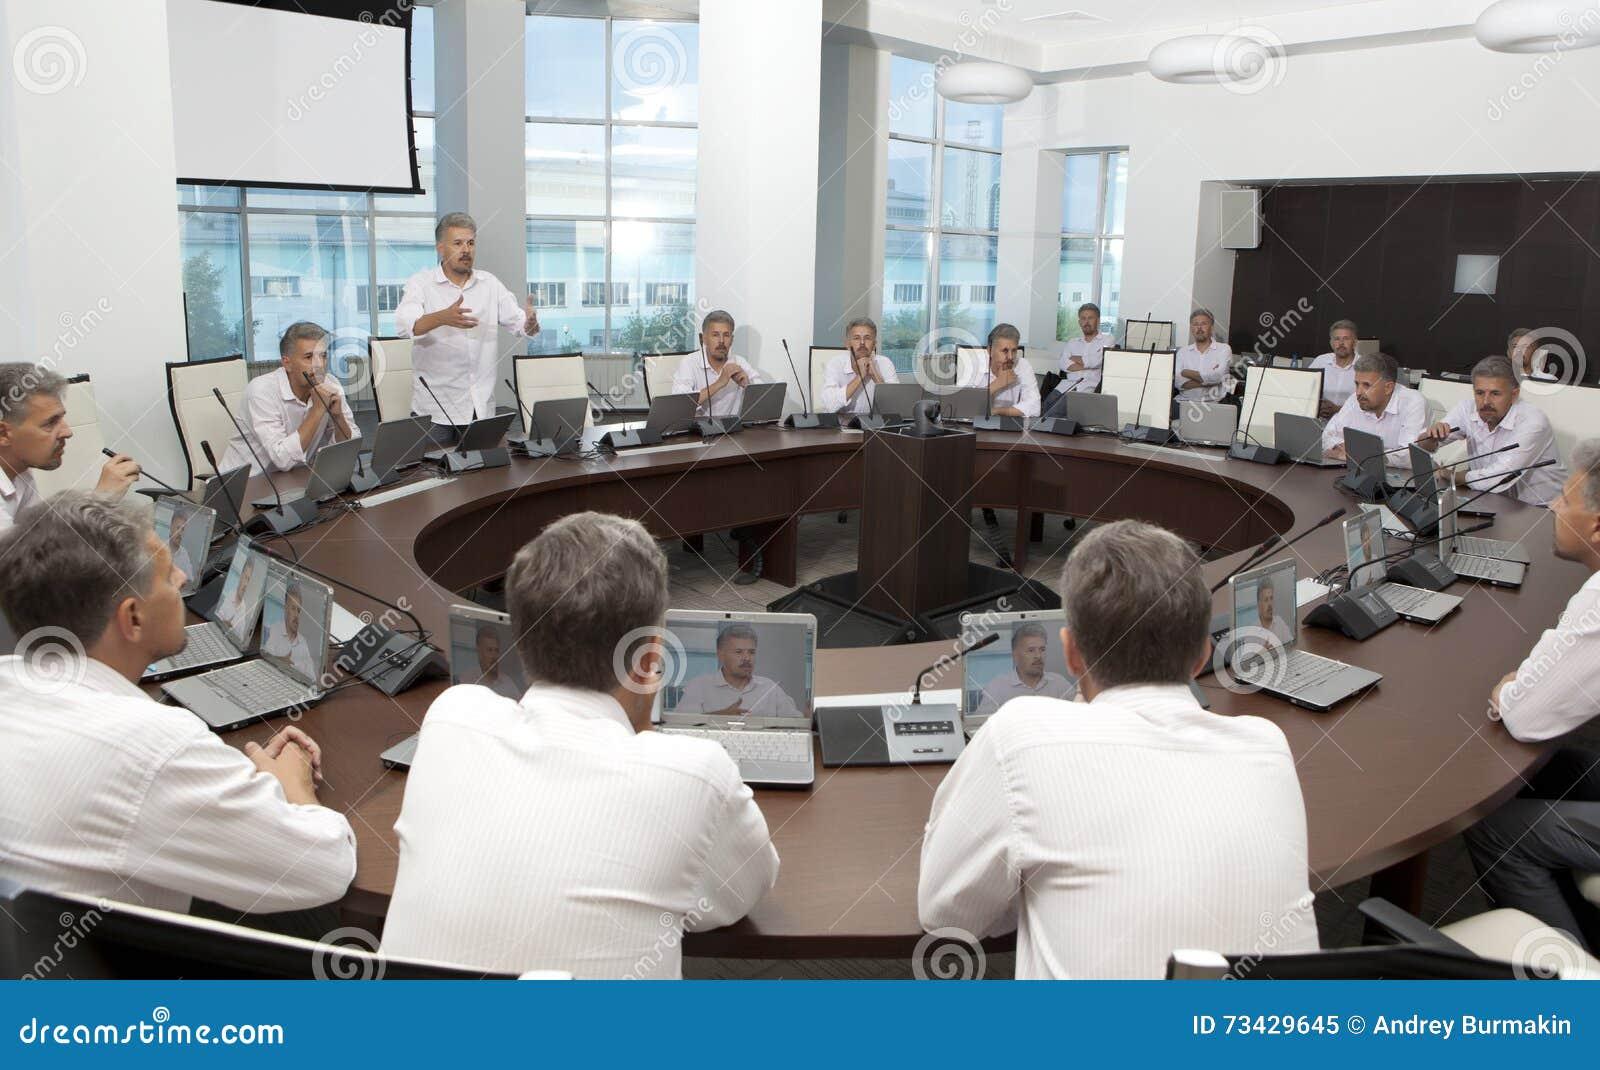 Spotkanie i dyskusi odprawa Biznesowy spotkanie, konferencja